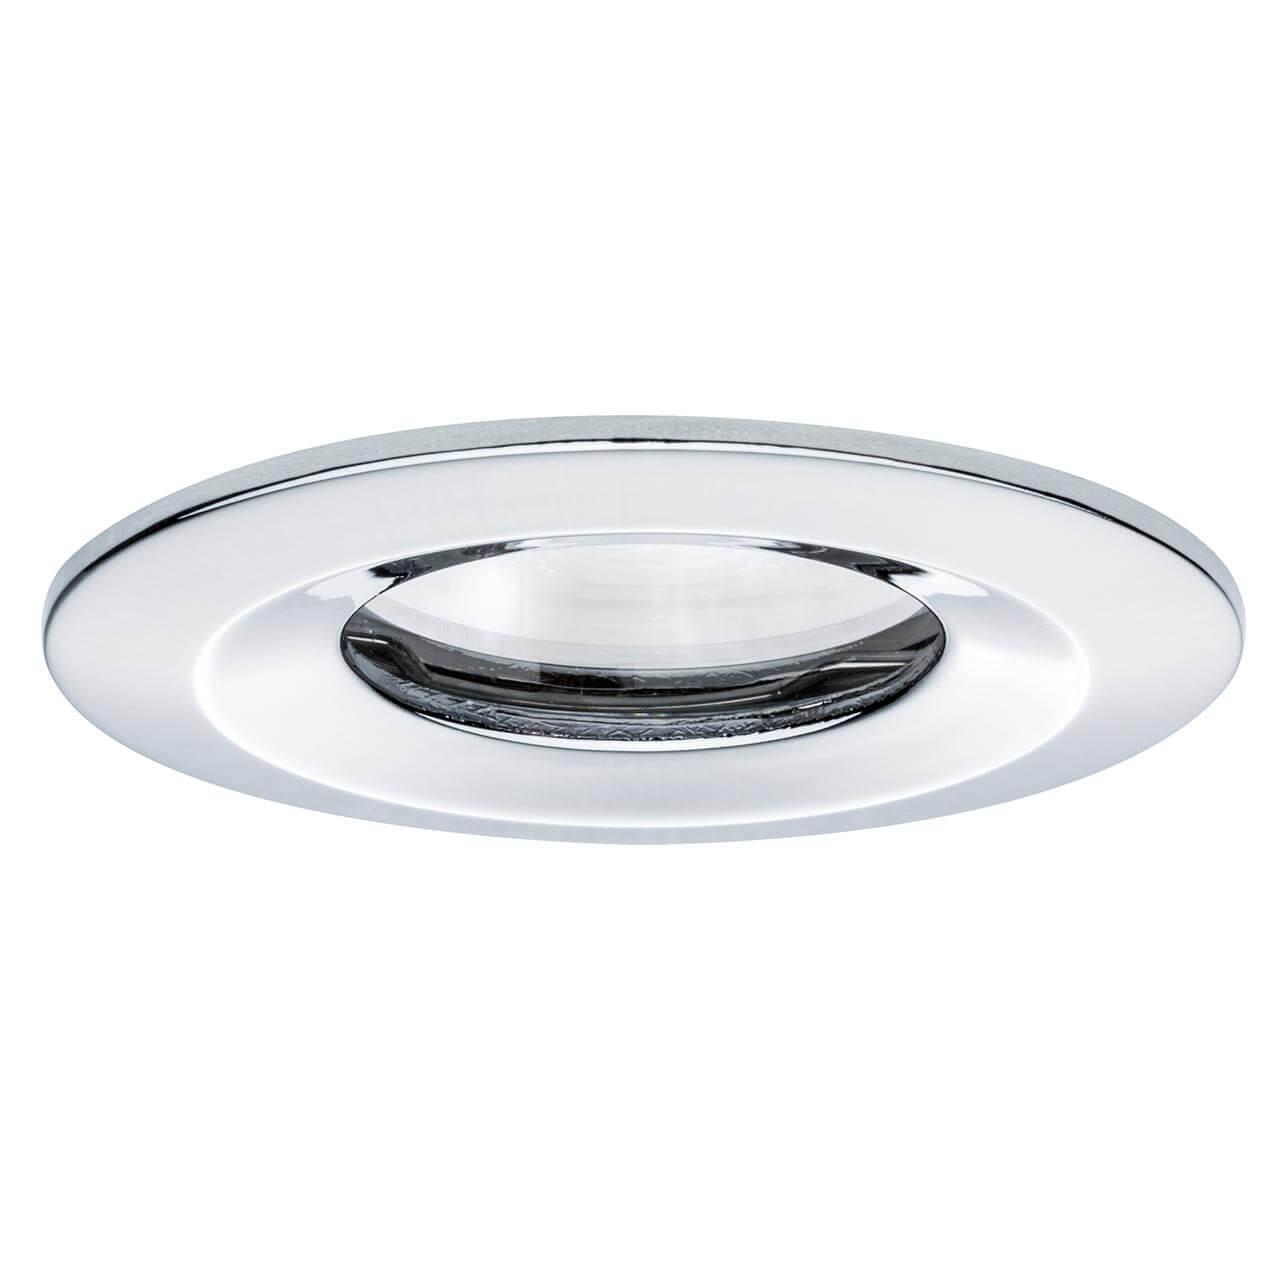 Встраиваемый светодиодный светильник Paulmann Nova 93627